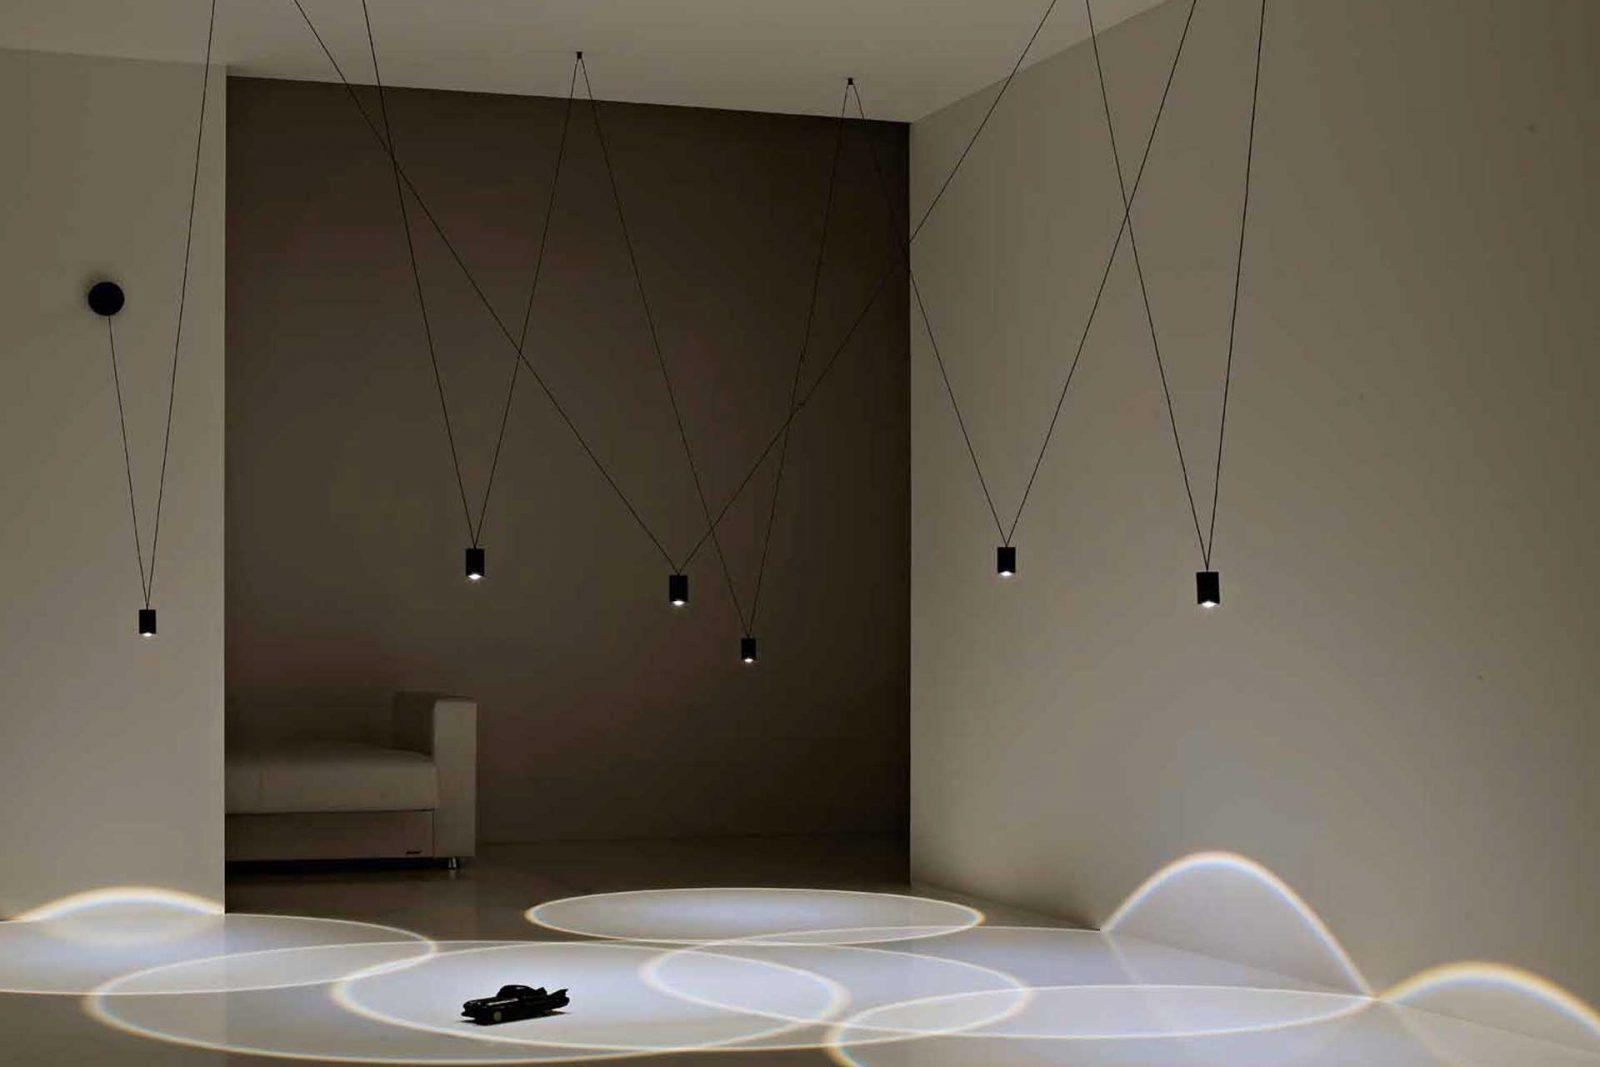 Lampade Soffitto Per Mansarde illuminazione, illuminazione moderna,illuminazione led